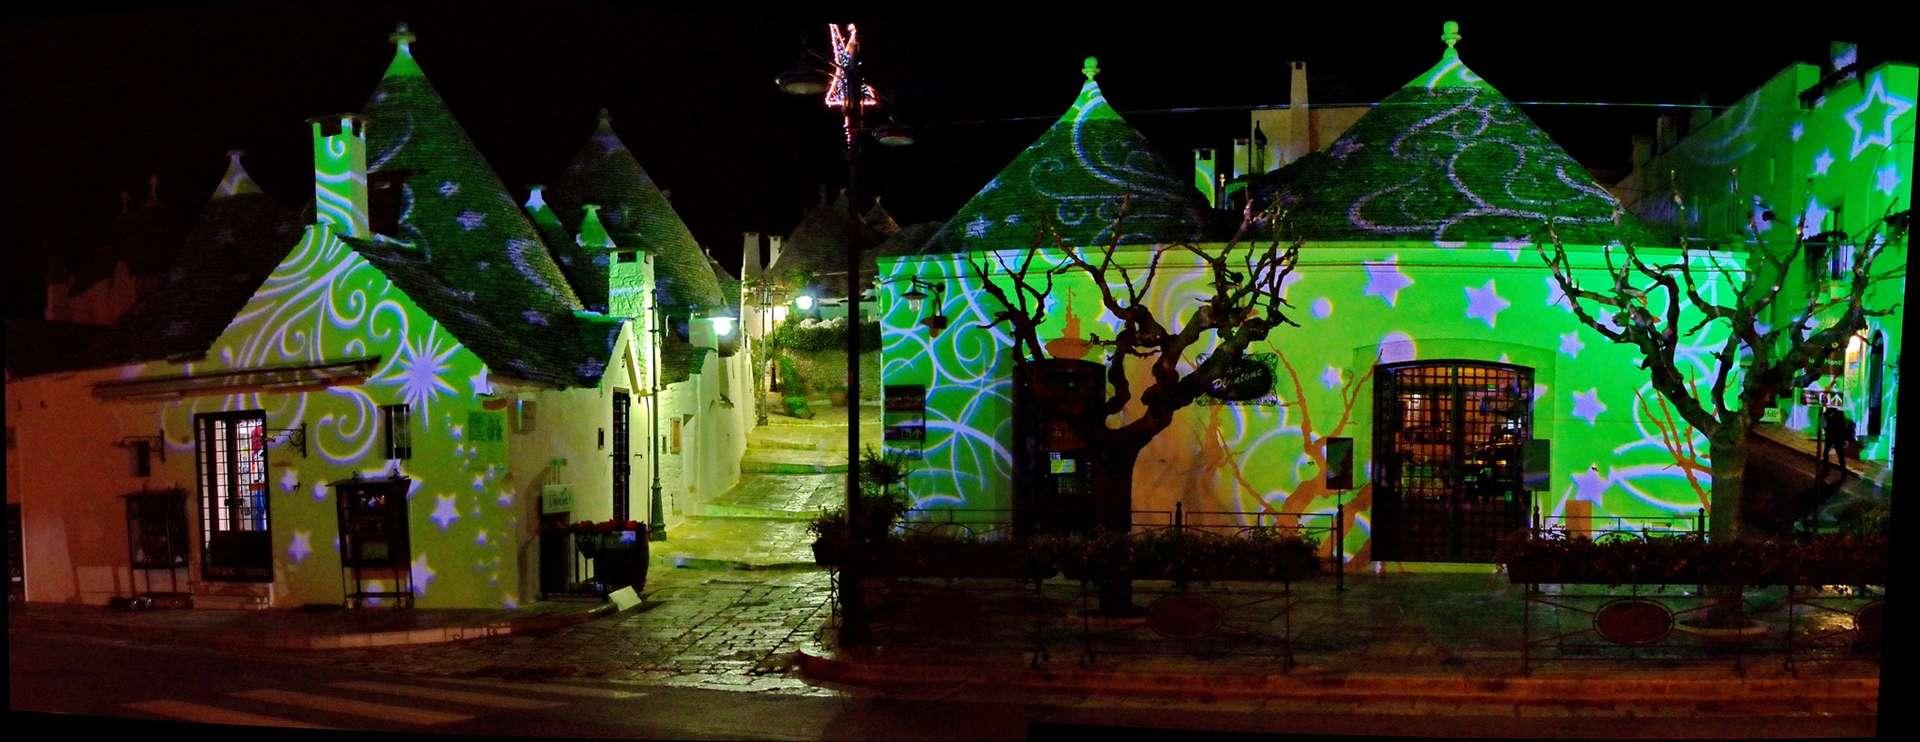 Alberobello Festiwal Światła grudzień Apulia